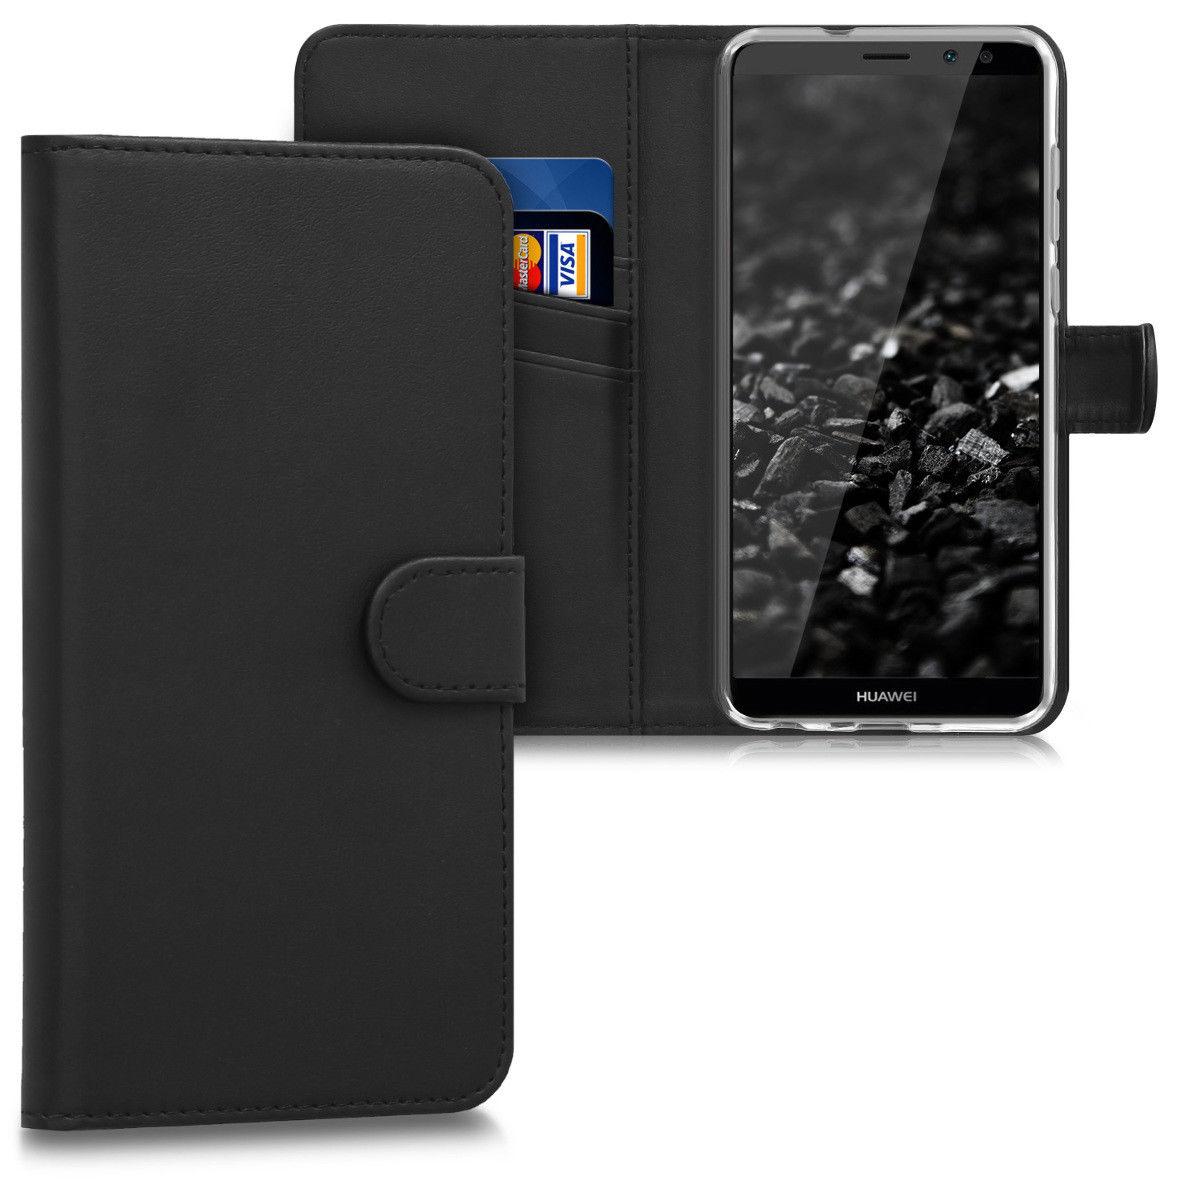 Pouzdro pro Huawei Mate 10 Lite černé